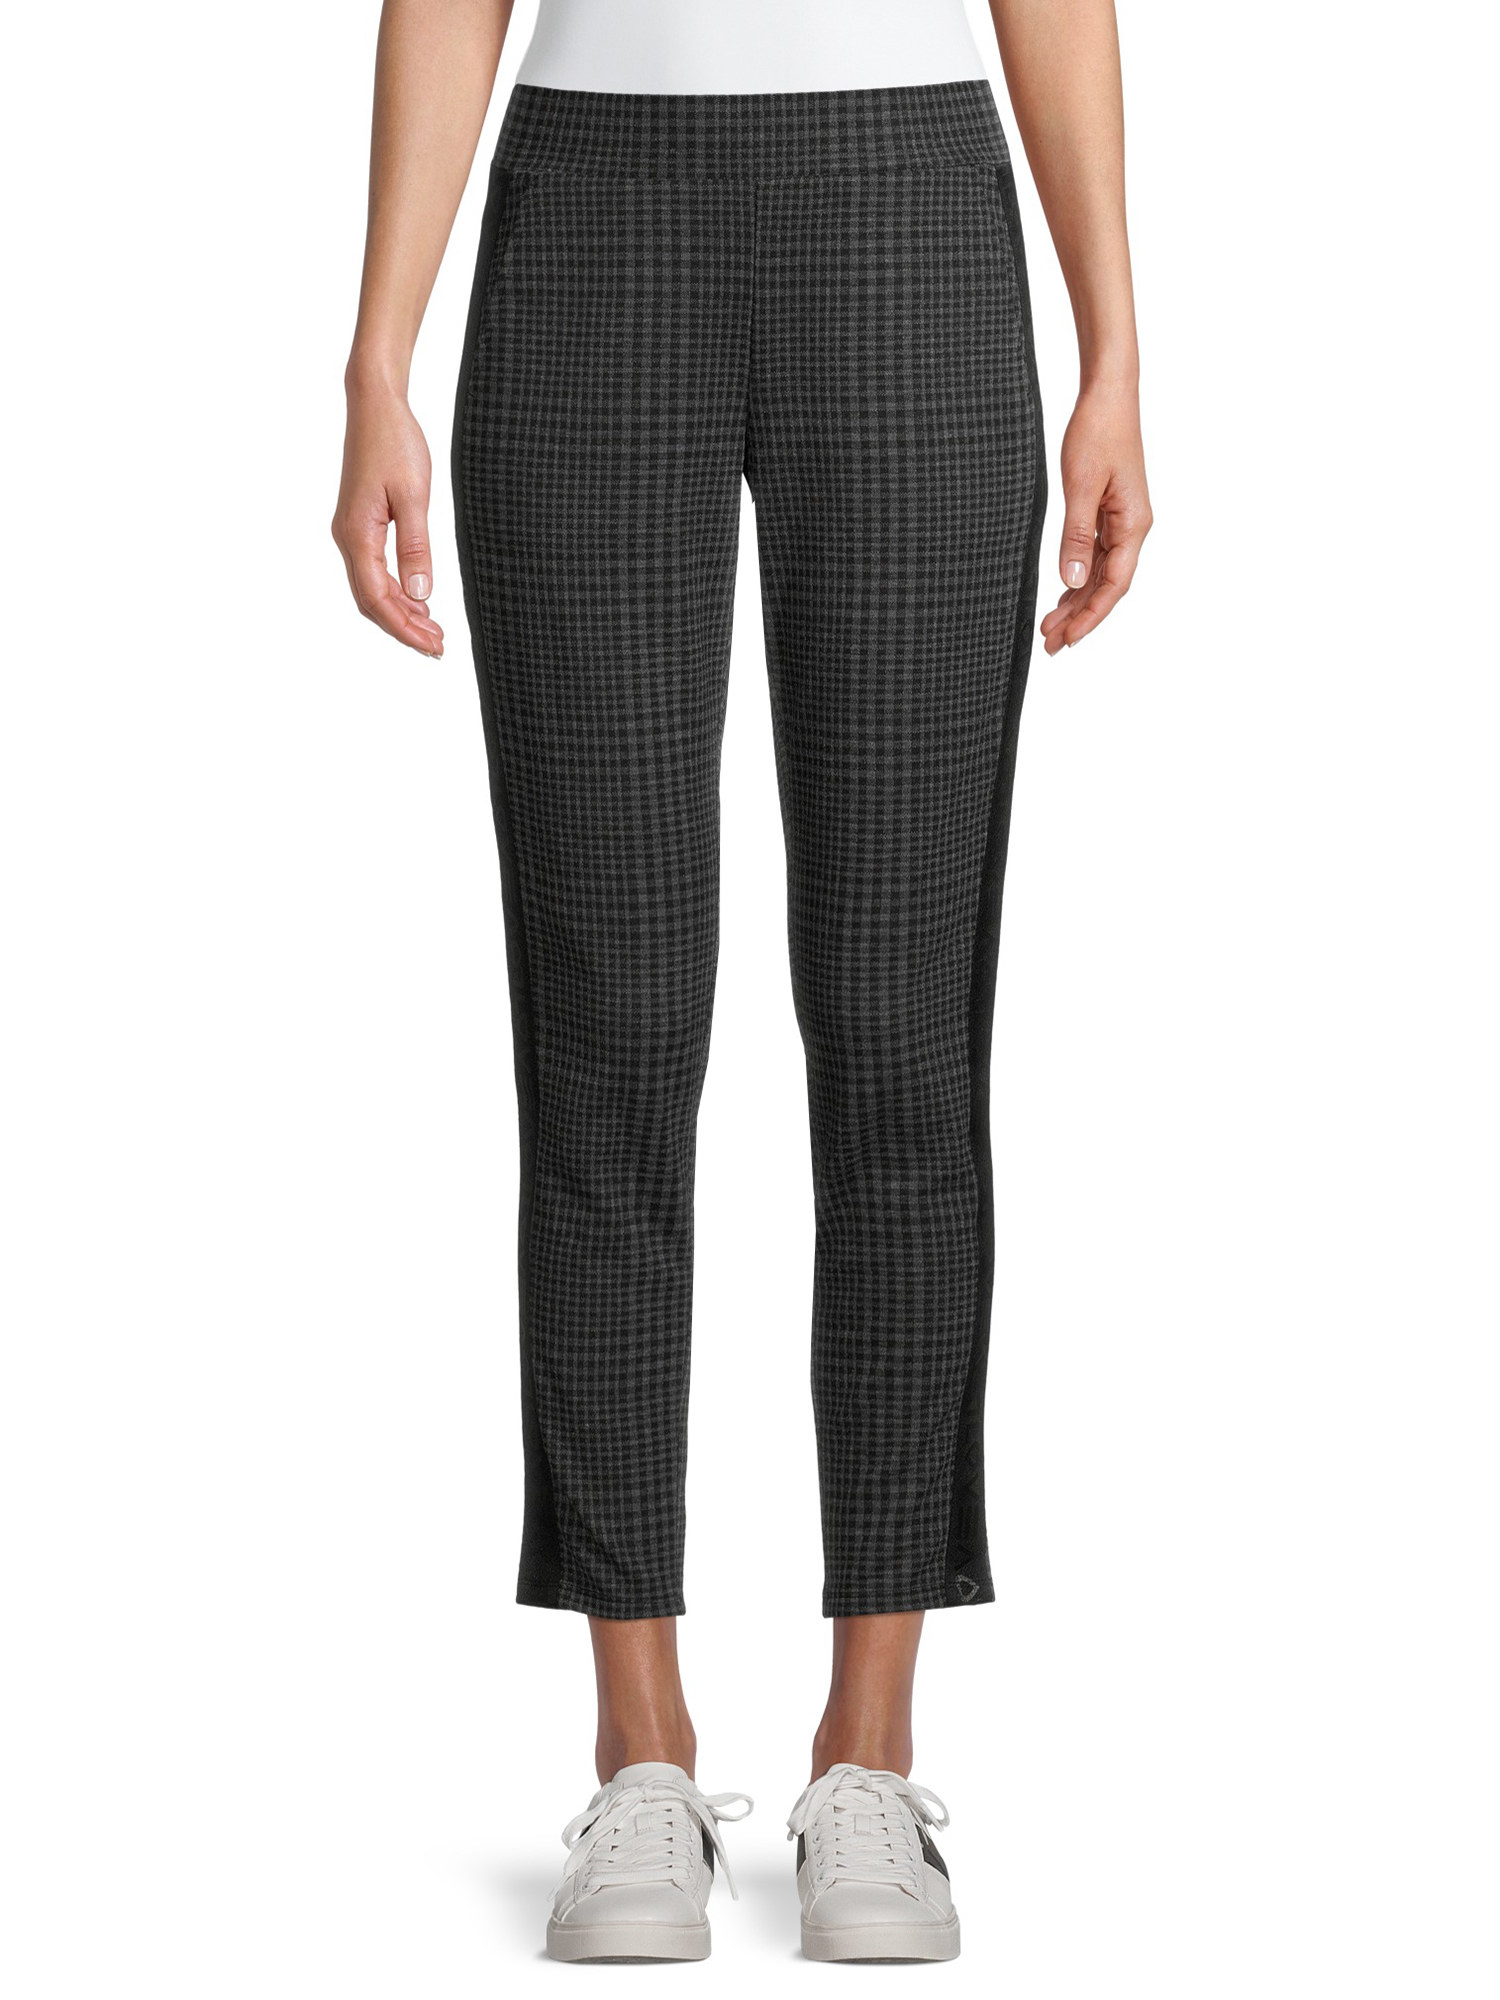 Model wears knit jogger pants